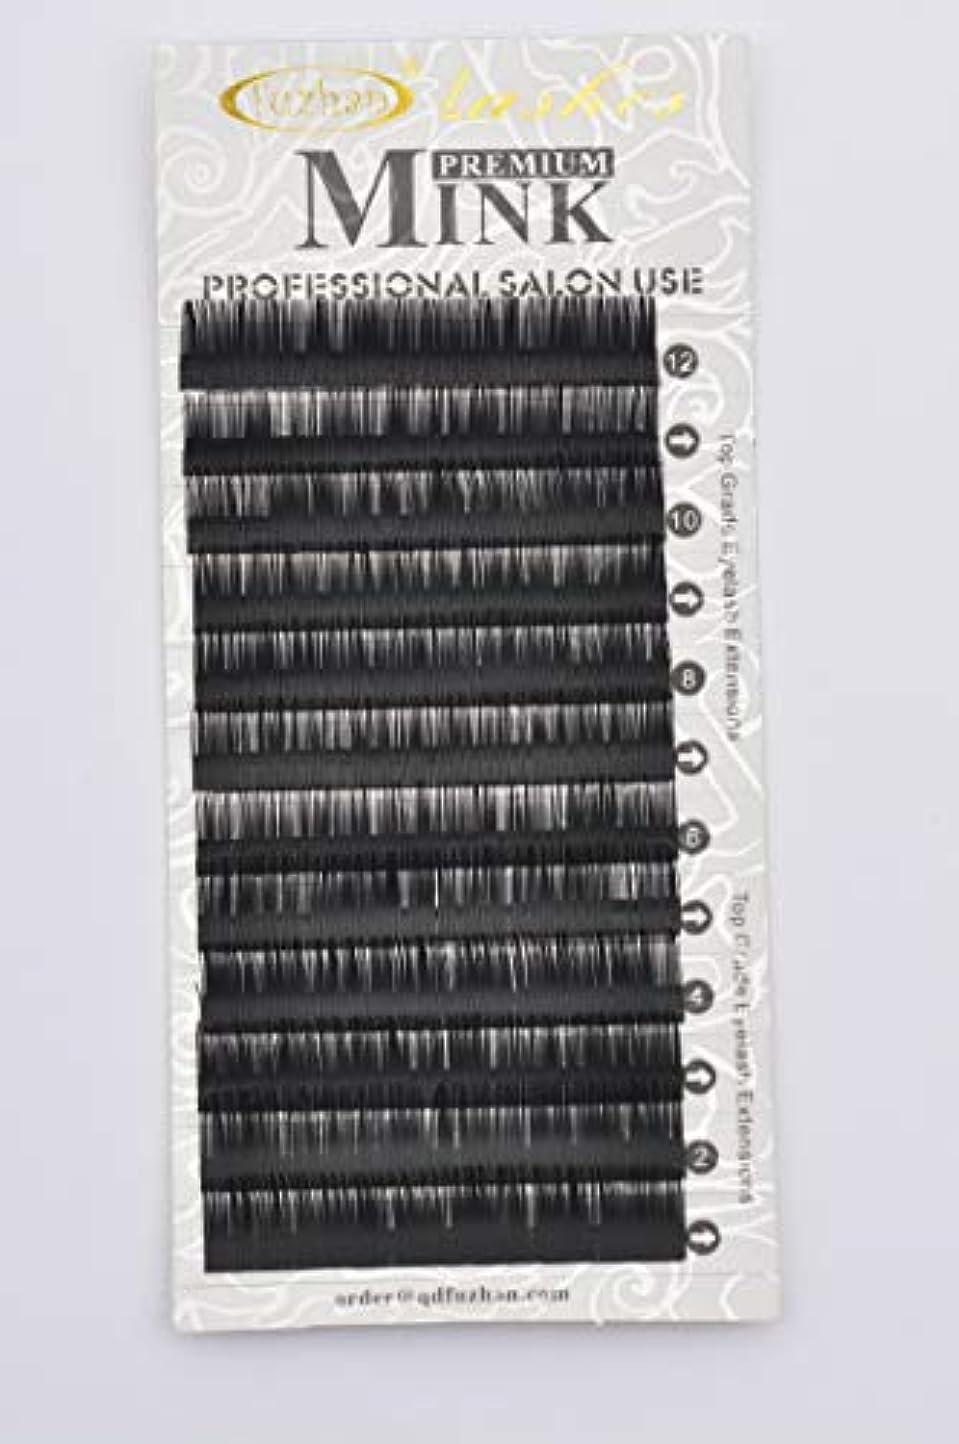 ヶ月目会う広告するまつげエクステ 太さ0.25mm(カール長さ指定) 高級ミンクまつげ 12列シートタイプ ケース入り (0.25 14mm D)